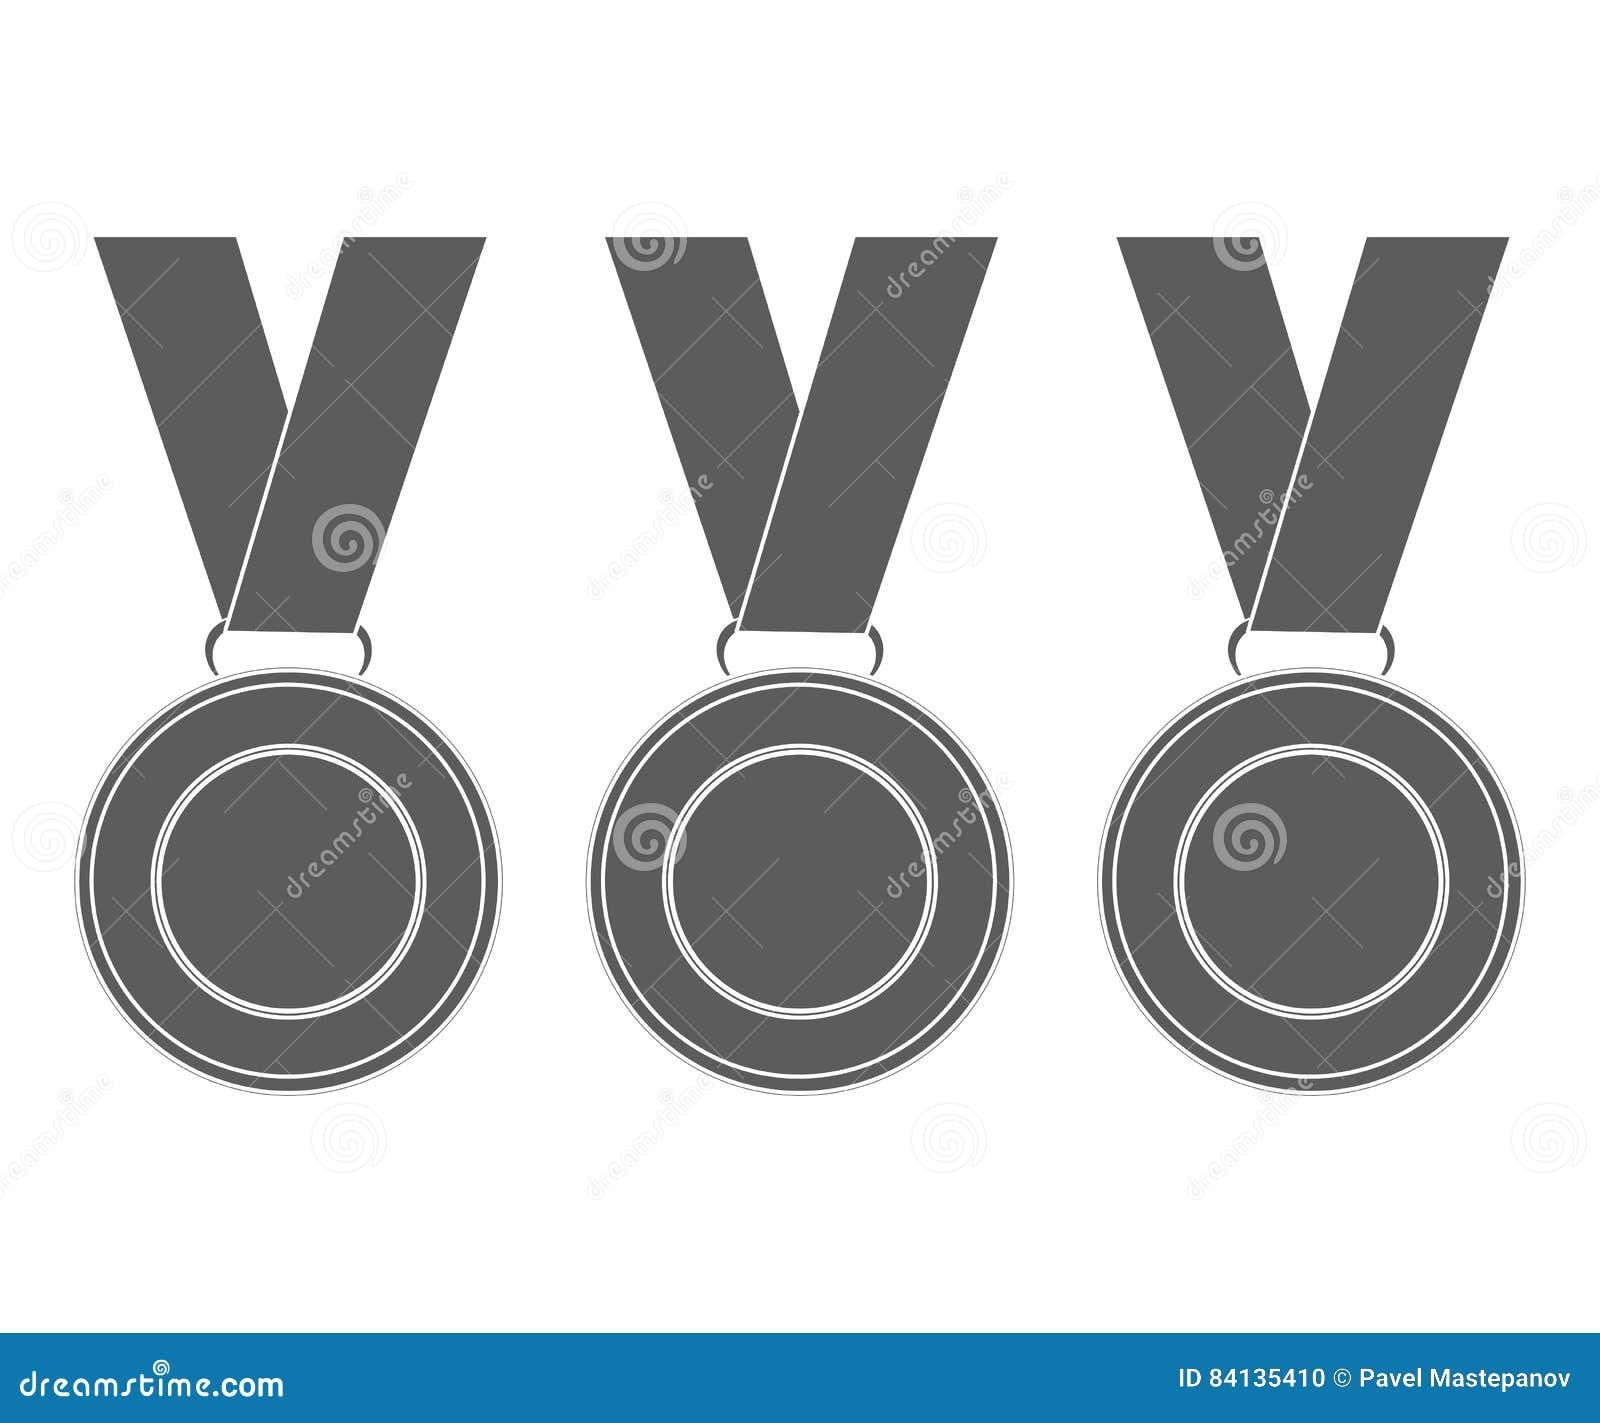 Medaljer för vinnarna av mästarna vektorillustration, fl